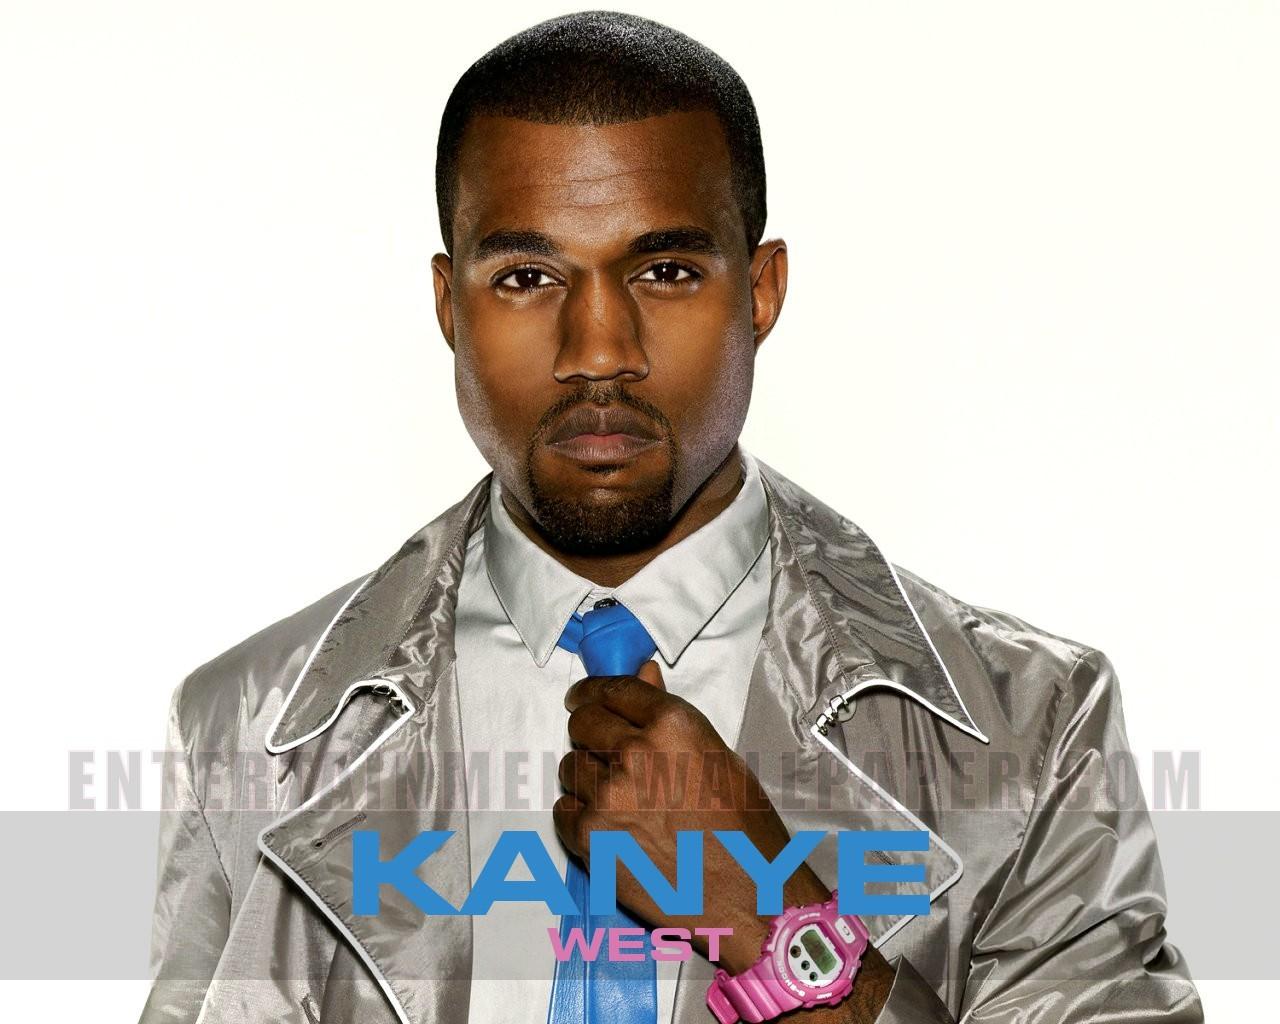 Kanye West Wallpaper 39809